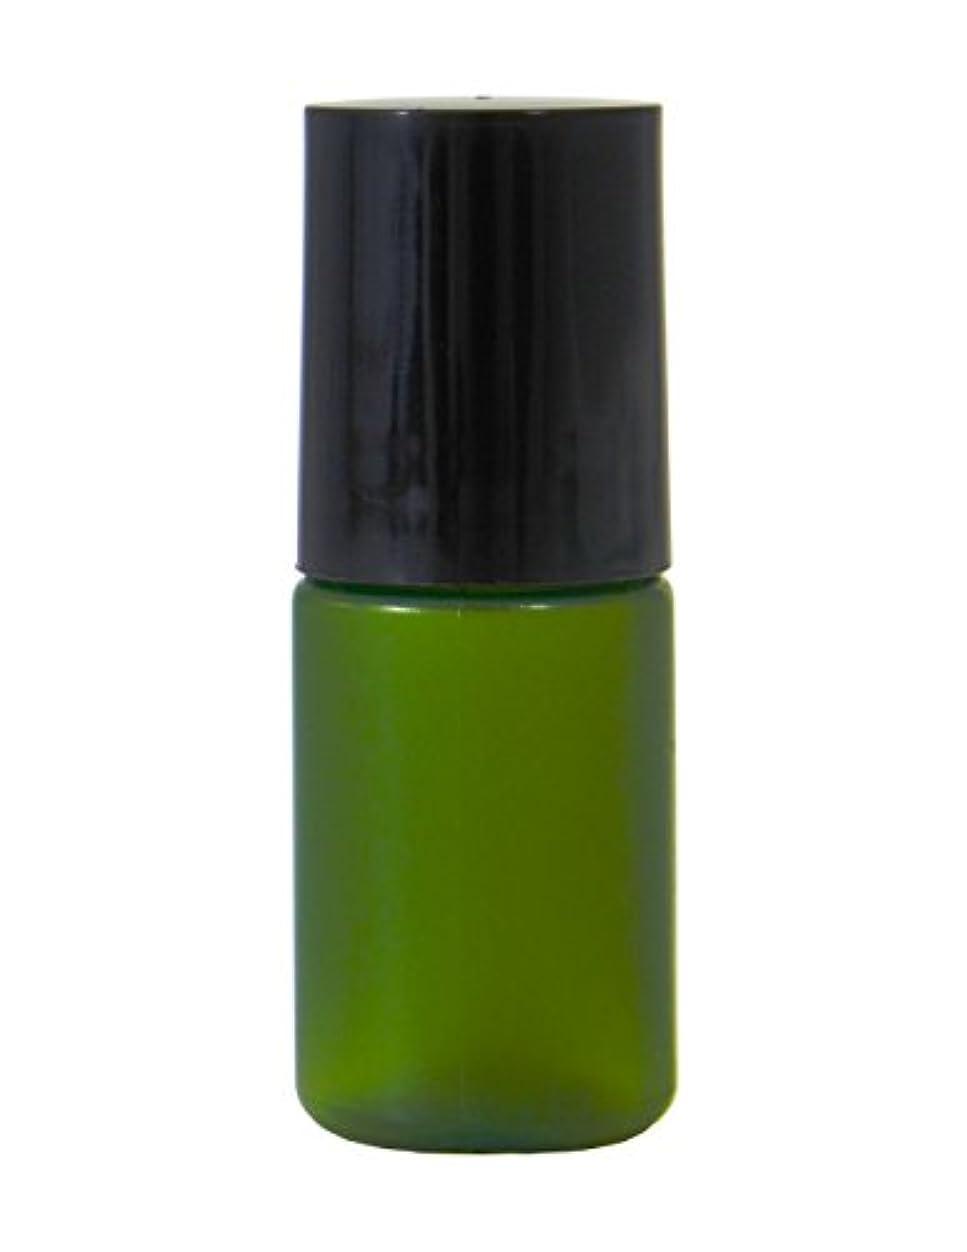 クリア奇跡的な歩行者ミニボトル容器 5ml グリーン (100個セット) 【化粧品容器】